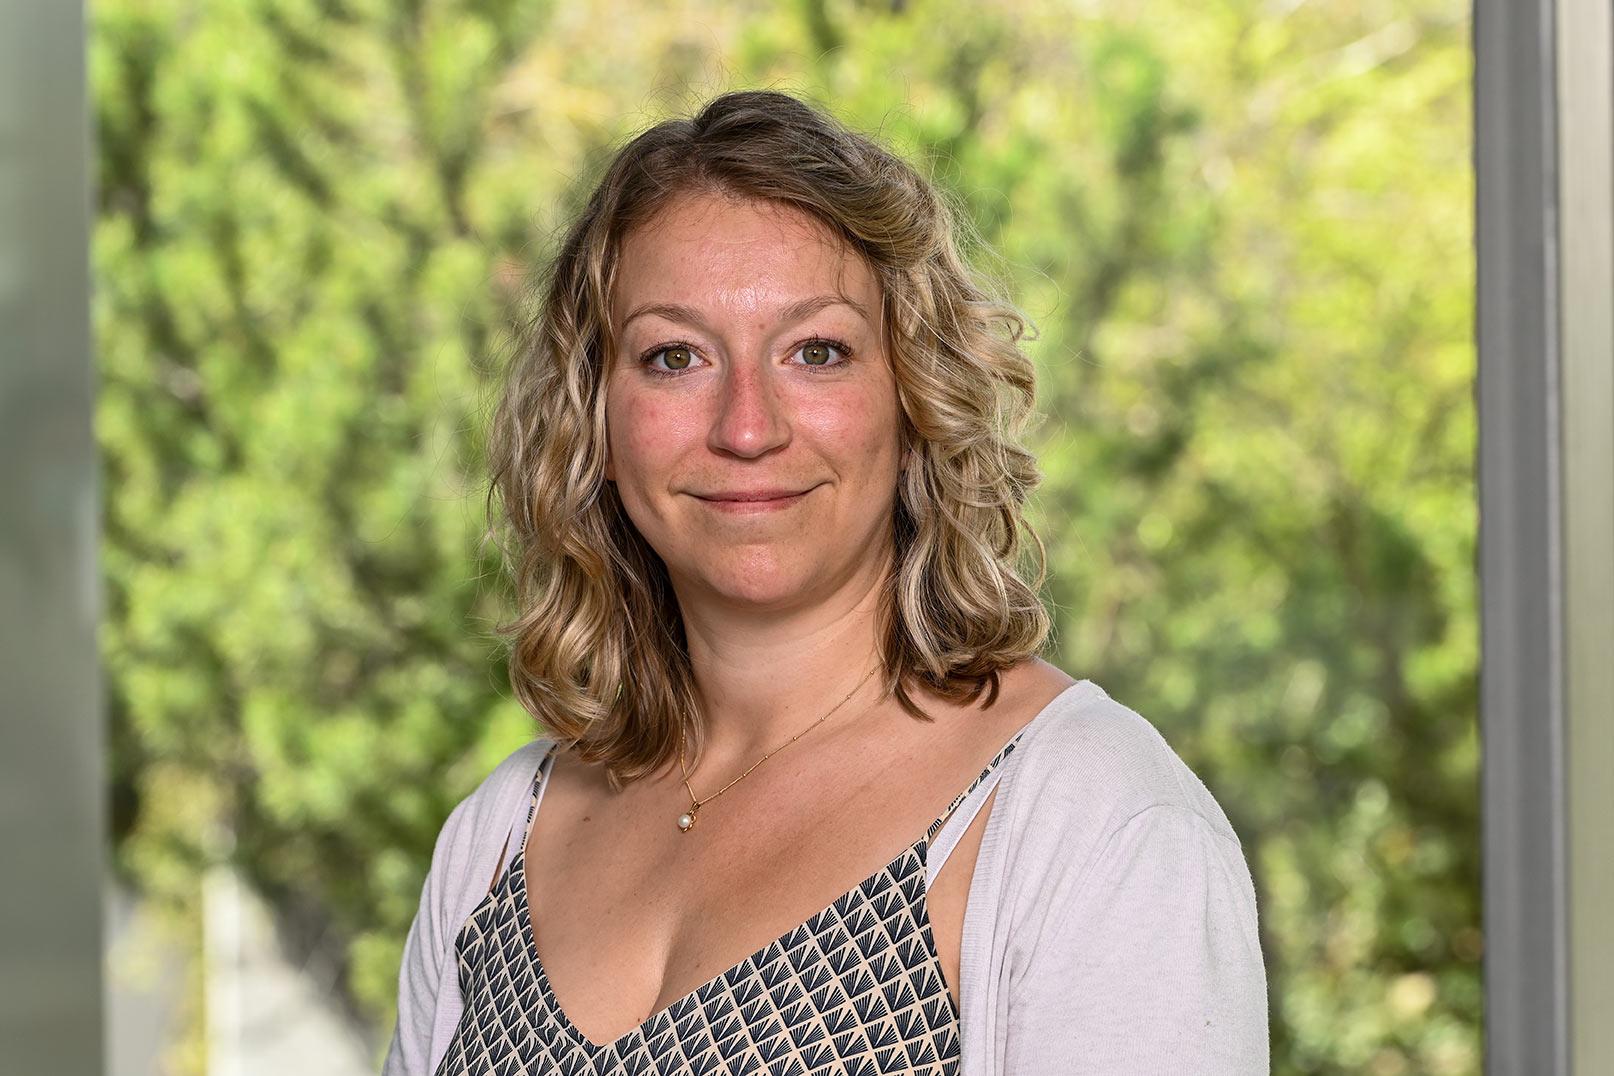 Leonie Rieger